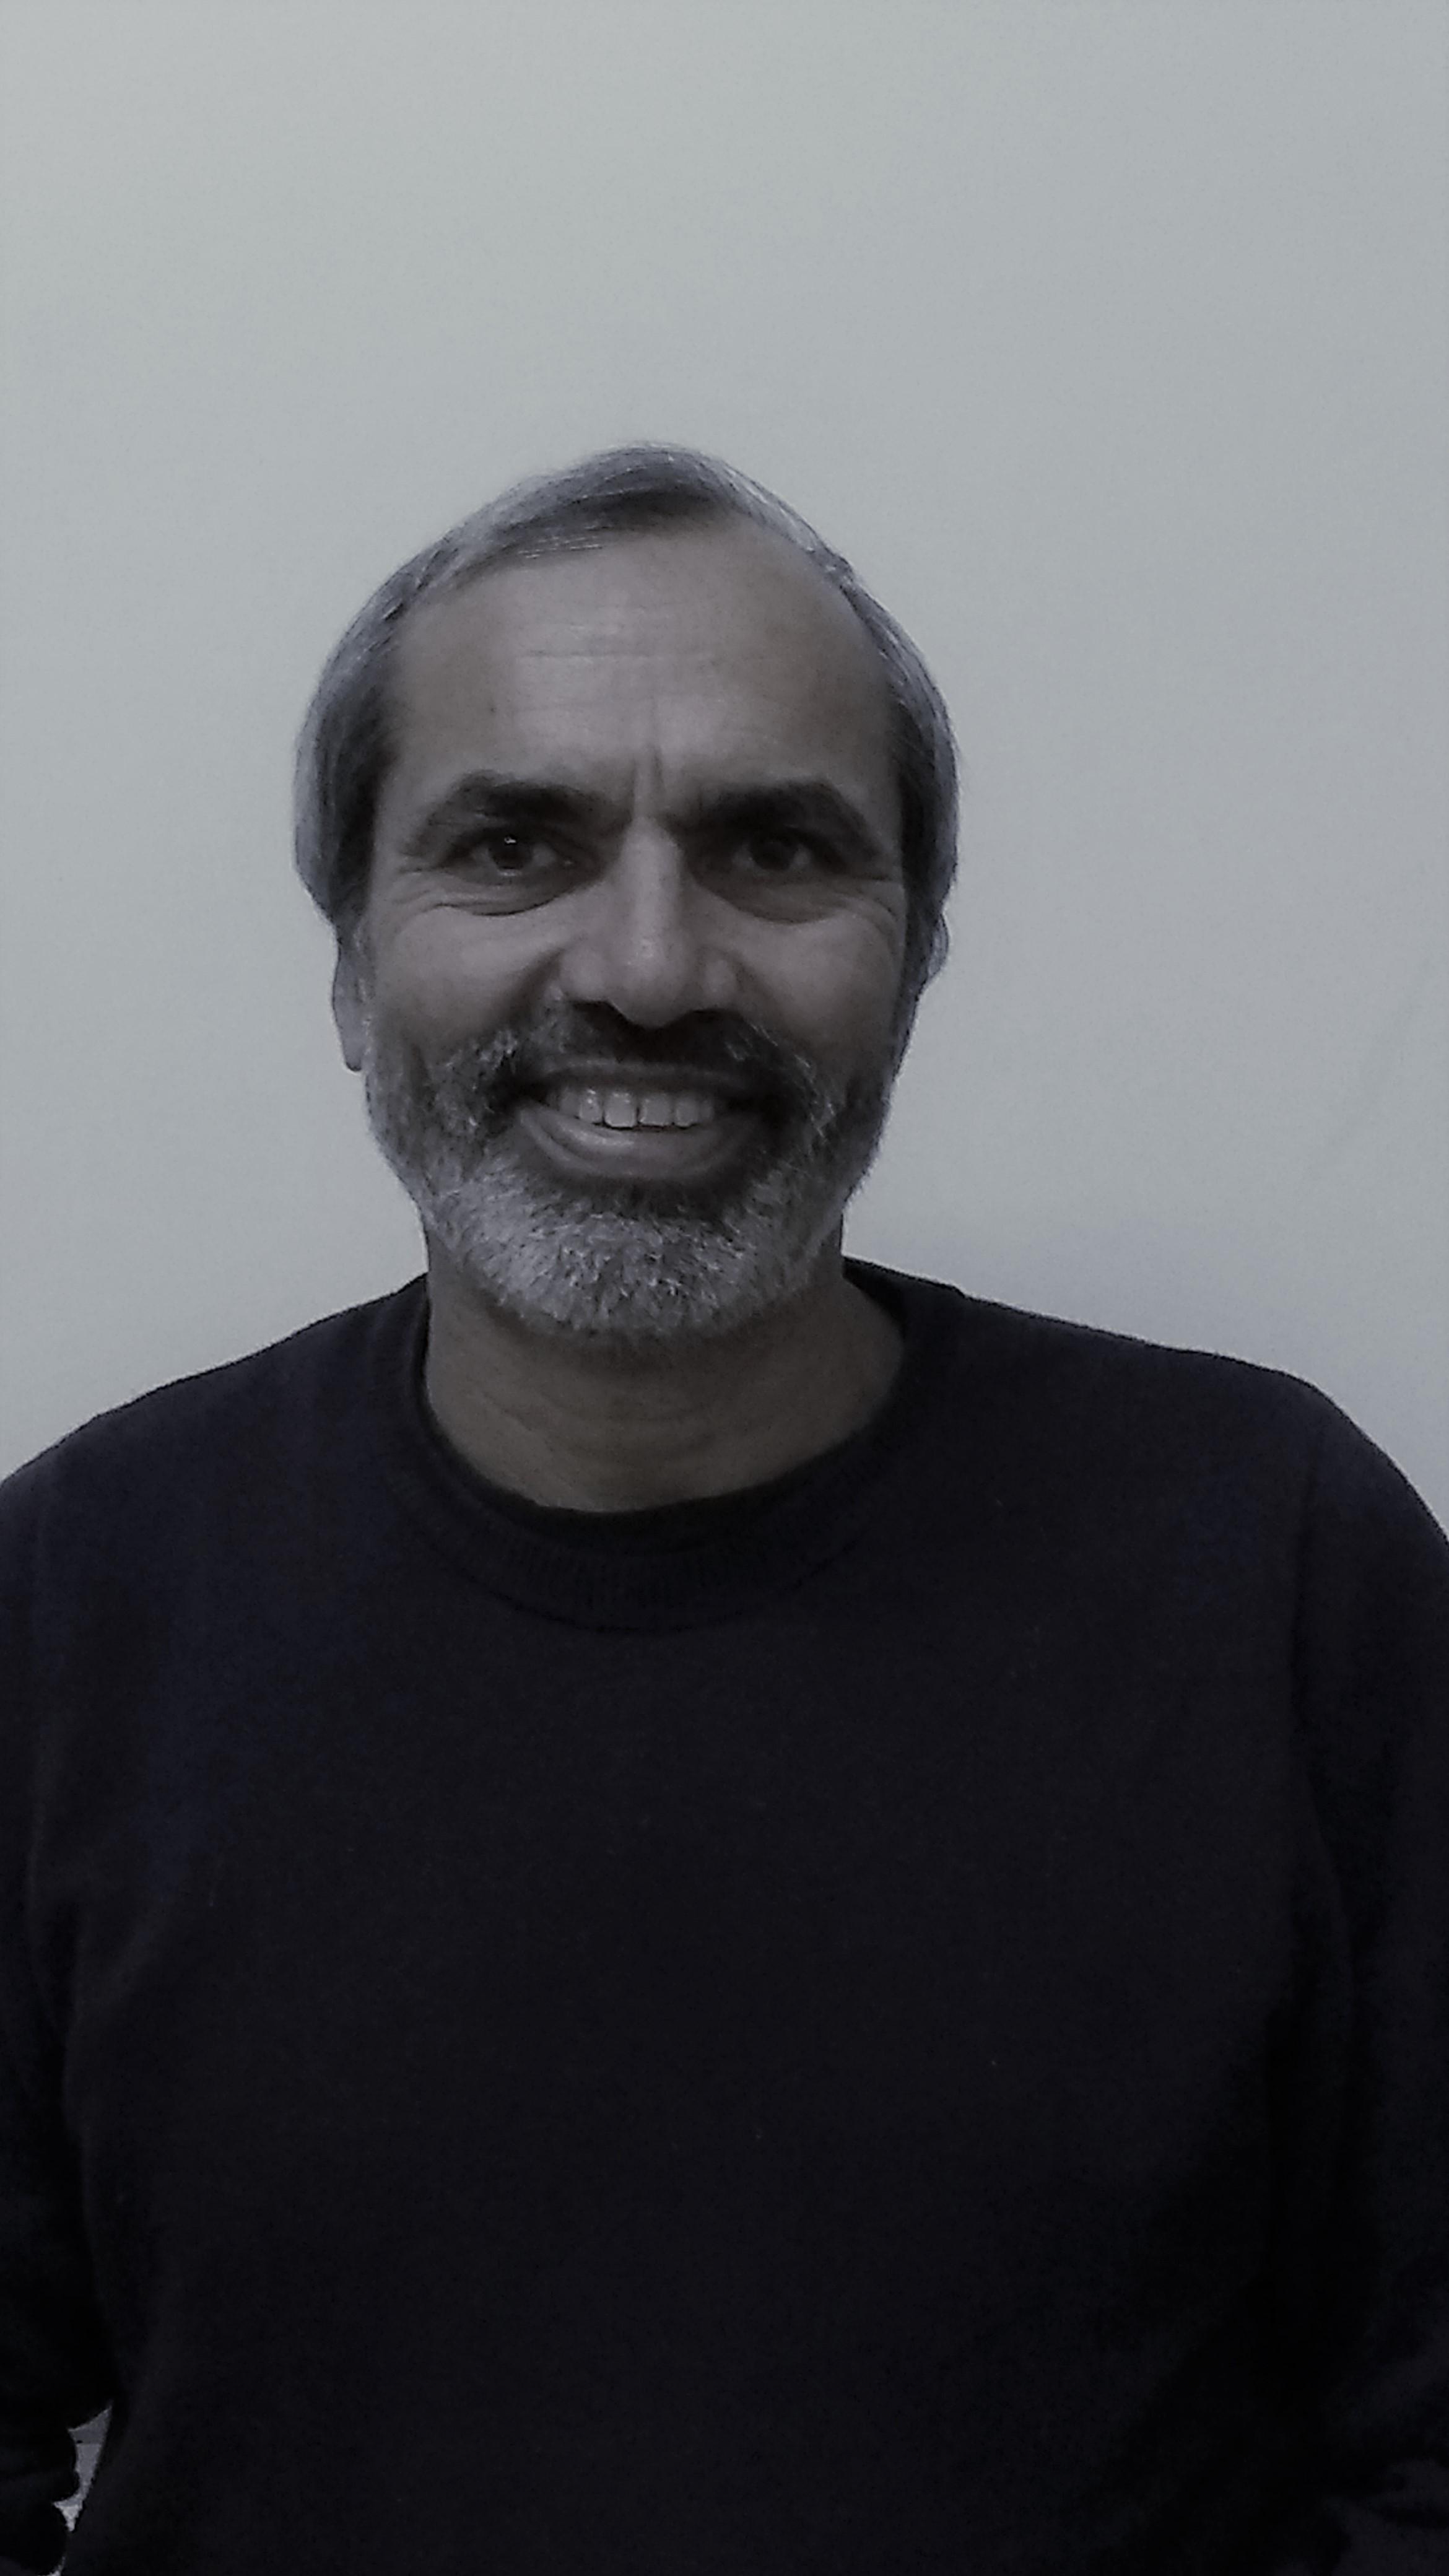 Joga Singh Kabra